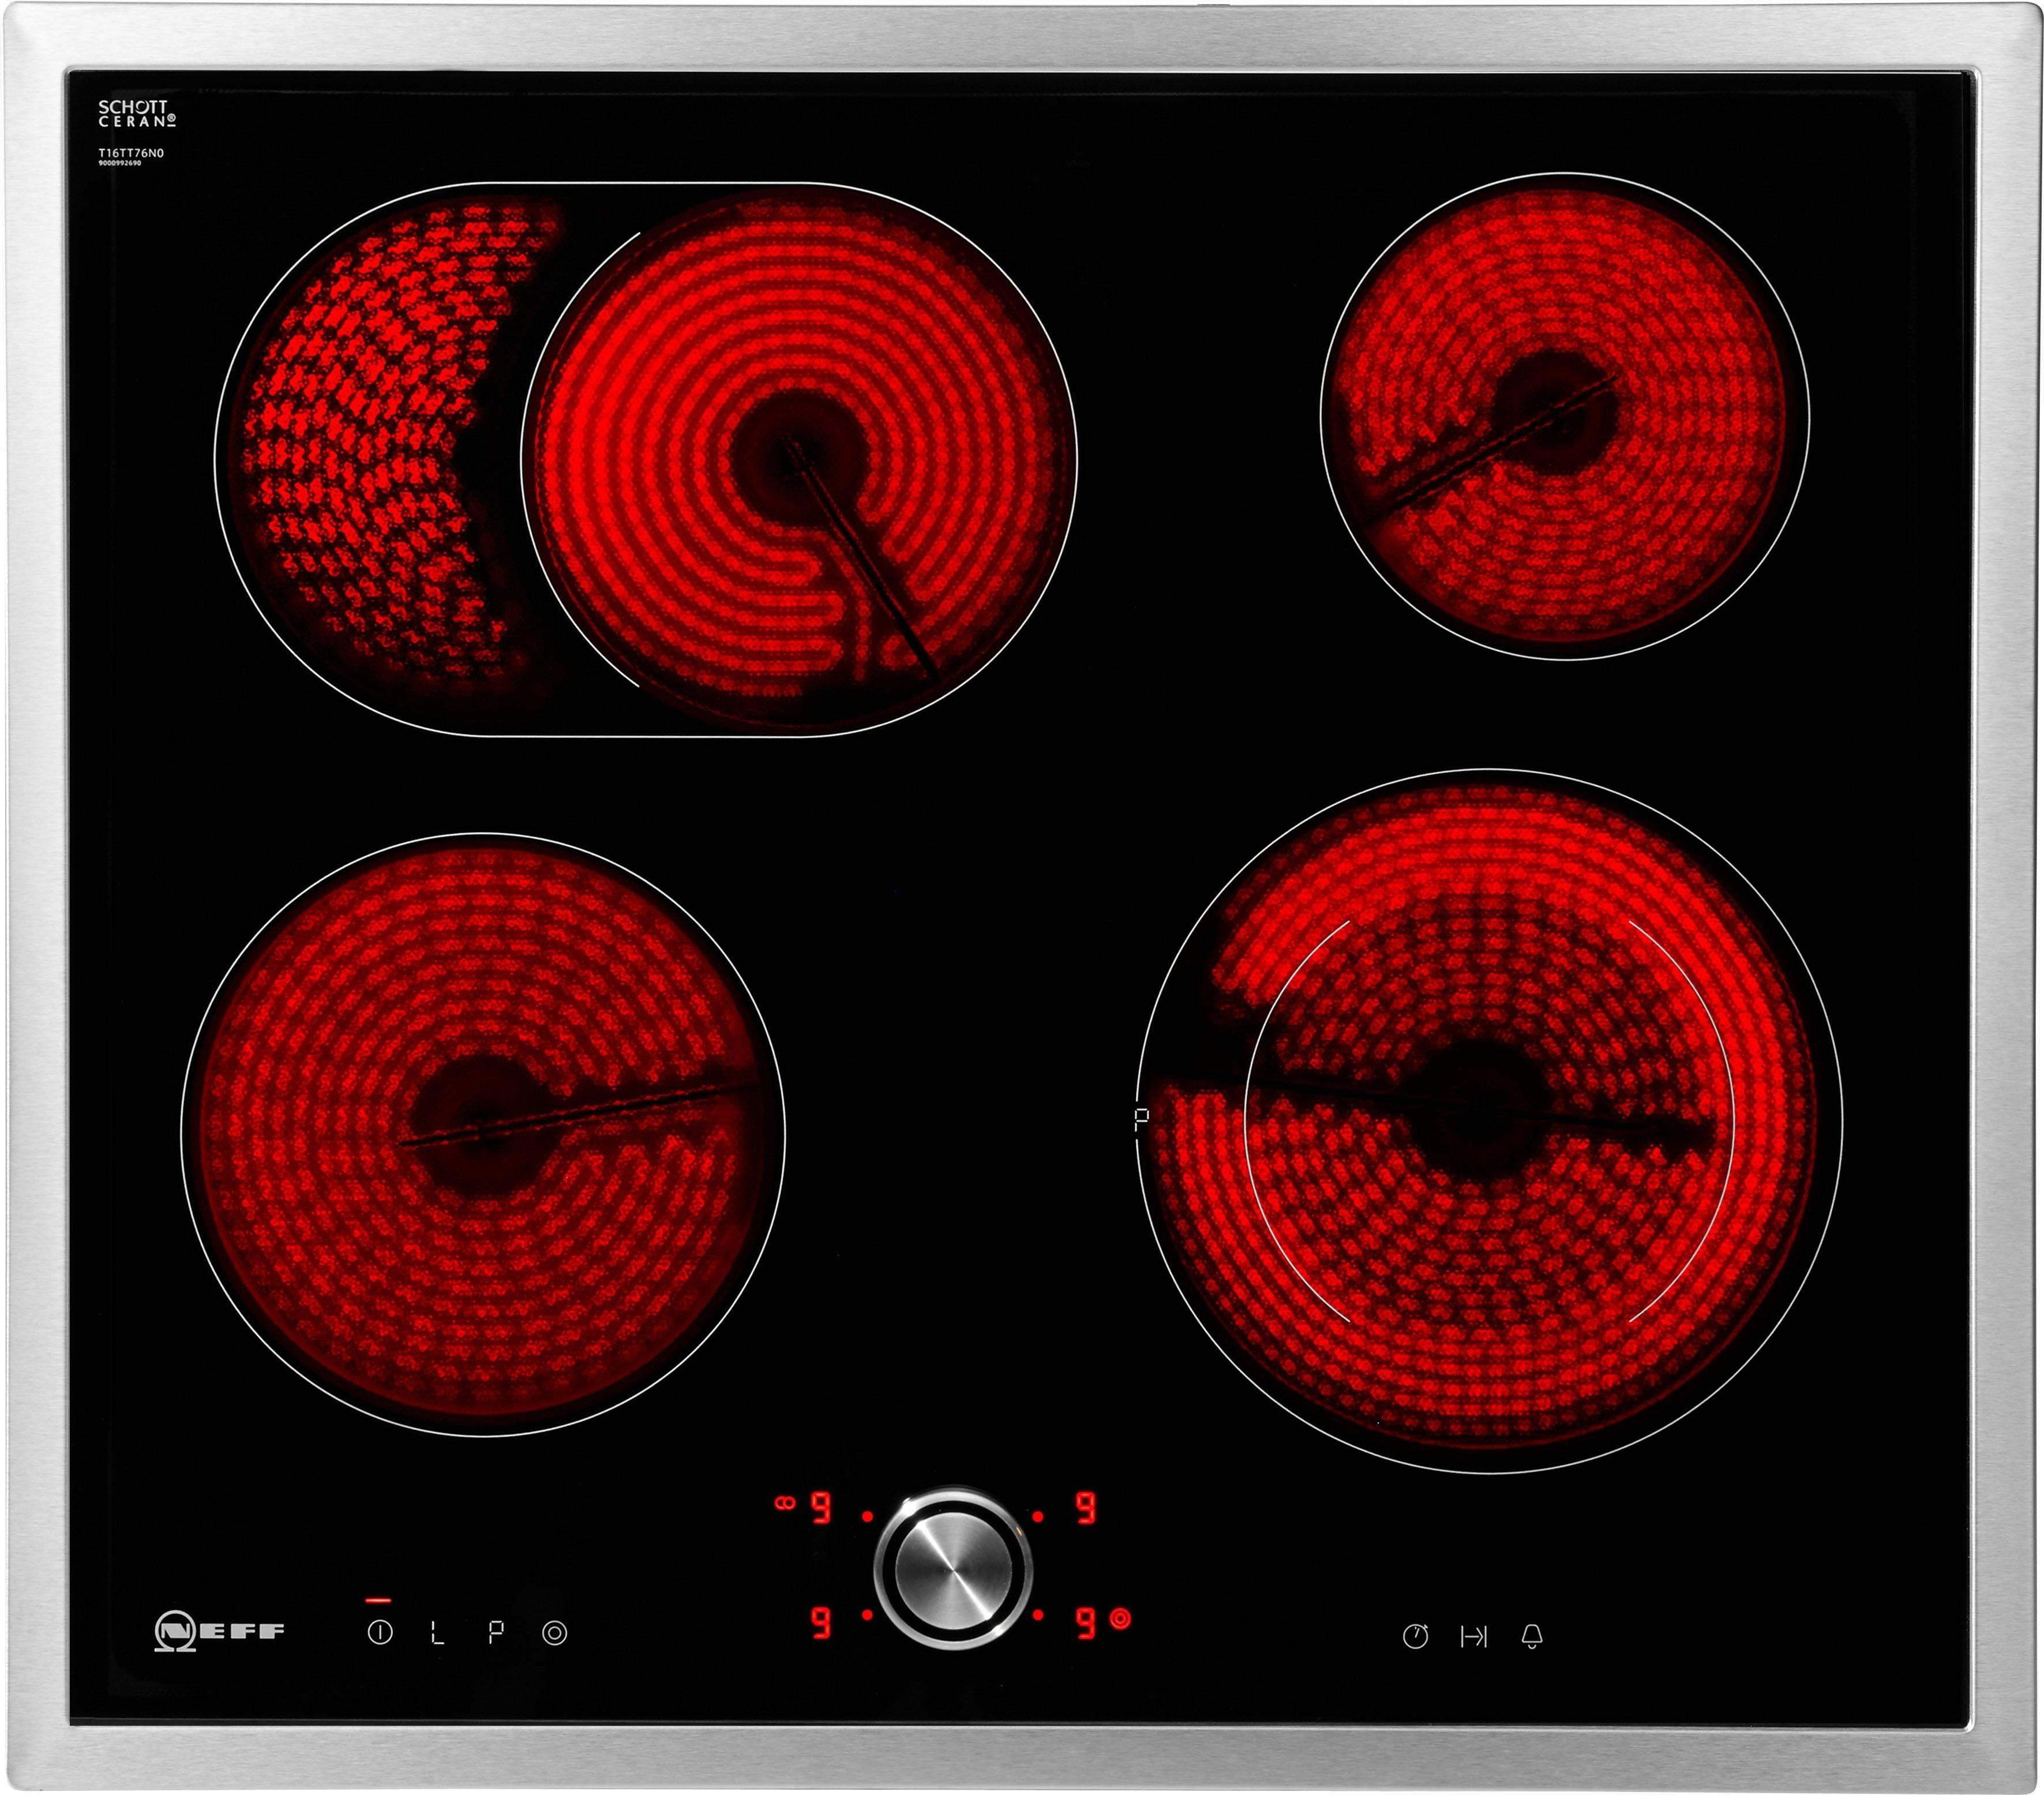 neff elektrische kookplaat met twistpad flat bediening tbt 1676 n t16bt76n0 in de online. Black Bedroom Furniture Sets. Home Design Ideas